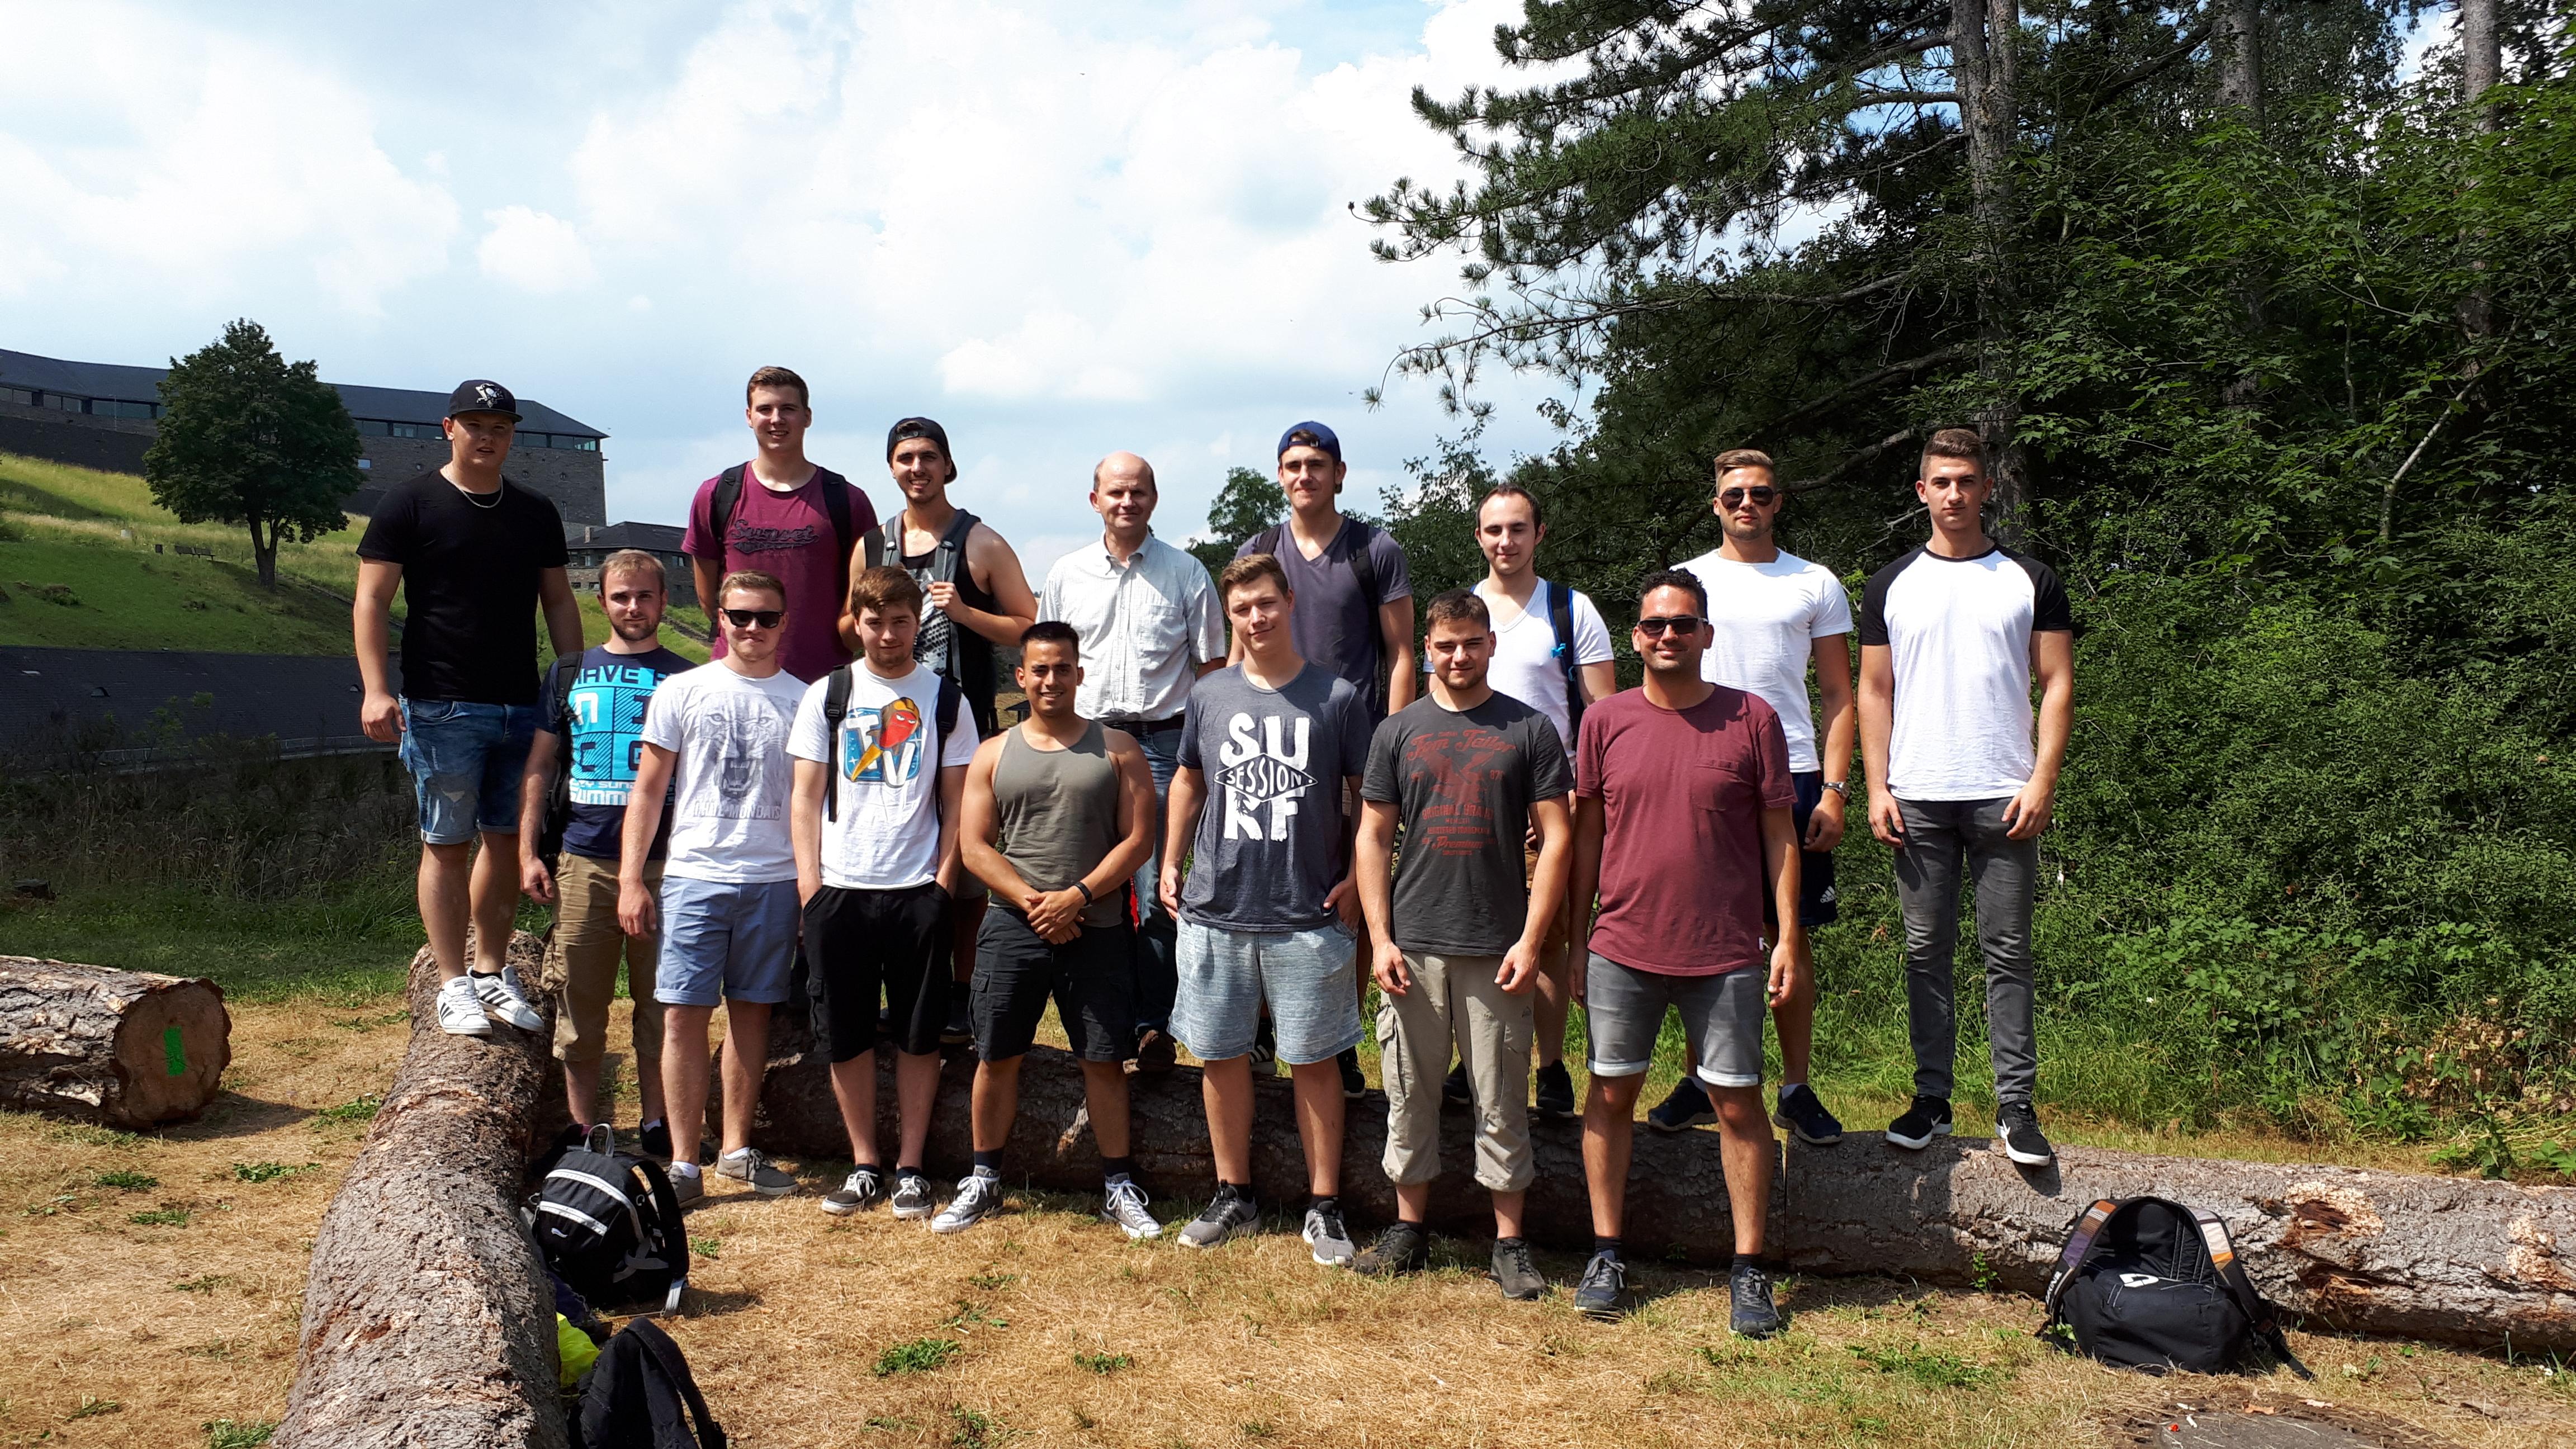 Exkursion zur Burg Vogelsang der Mechatroniker-Mittelstufe